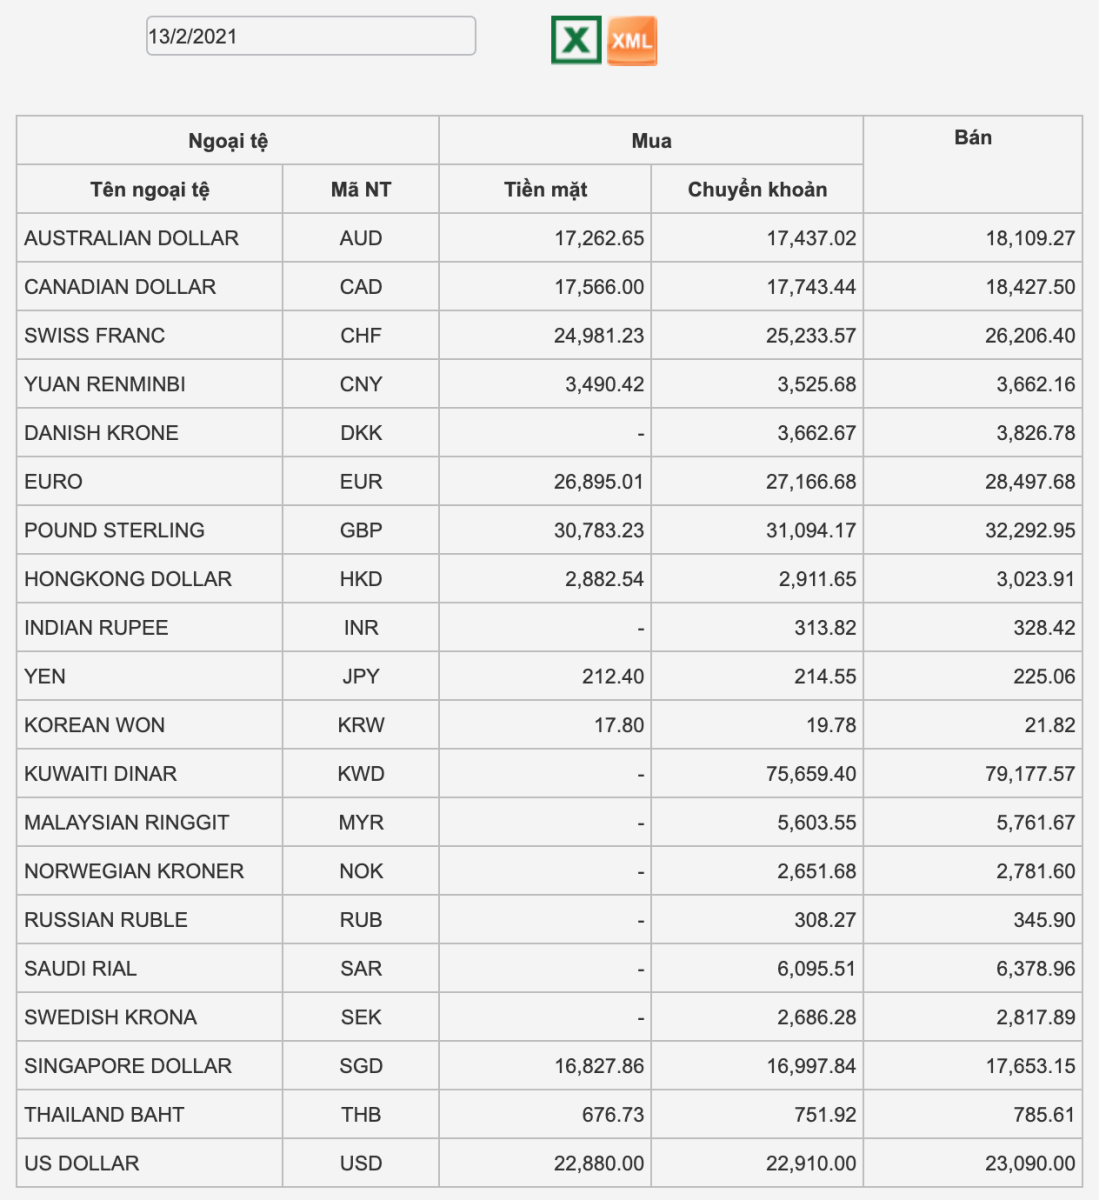 Tỷ giá Vietcombank hôm nay 13/2: Không đổi tỷ giá, USD thế giới quay lại đà tăng